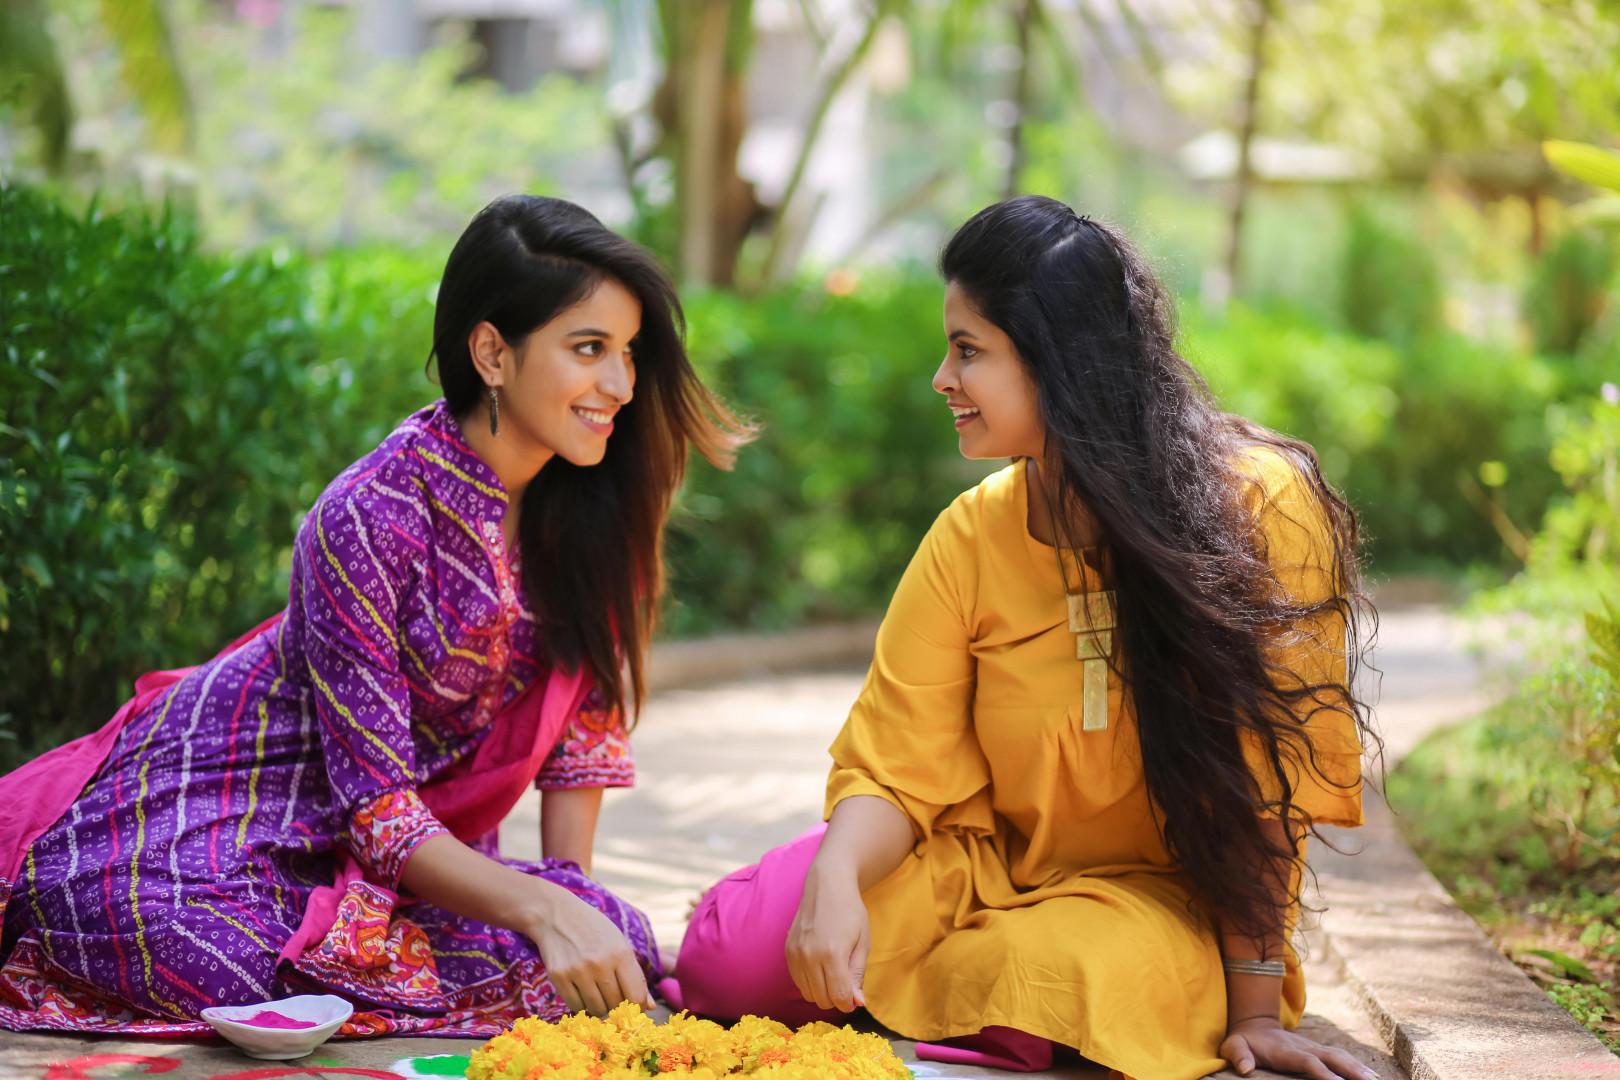 """- """"Vous n'avez pas de sanskaar (mot indien qui signifie qu'une fille doit obéir aux règles)"""". - """"On nous a appris autrement""""."""